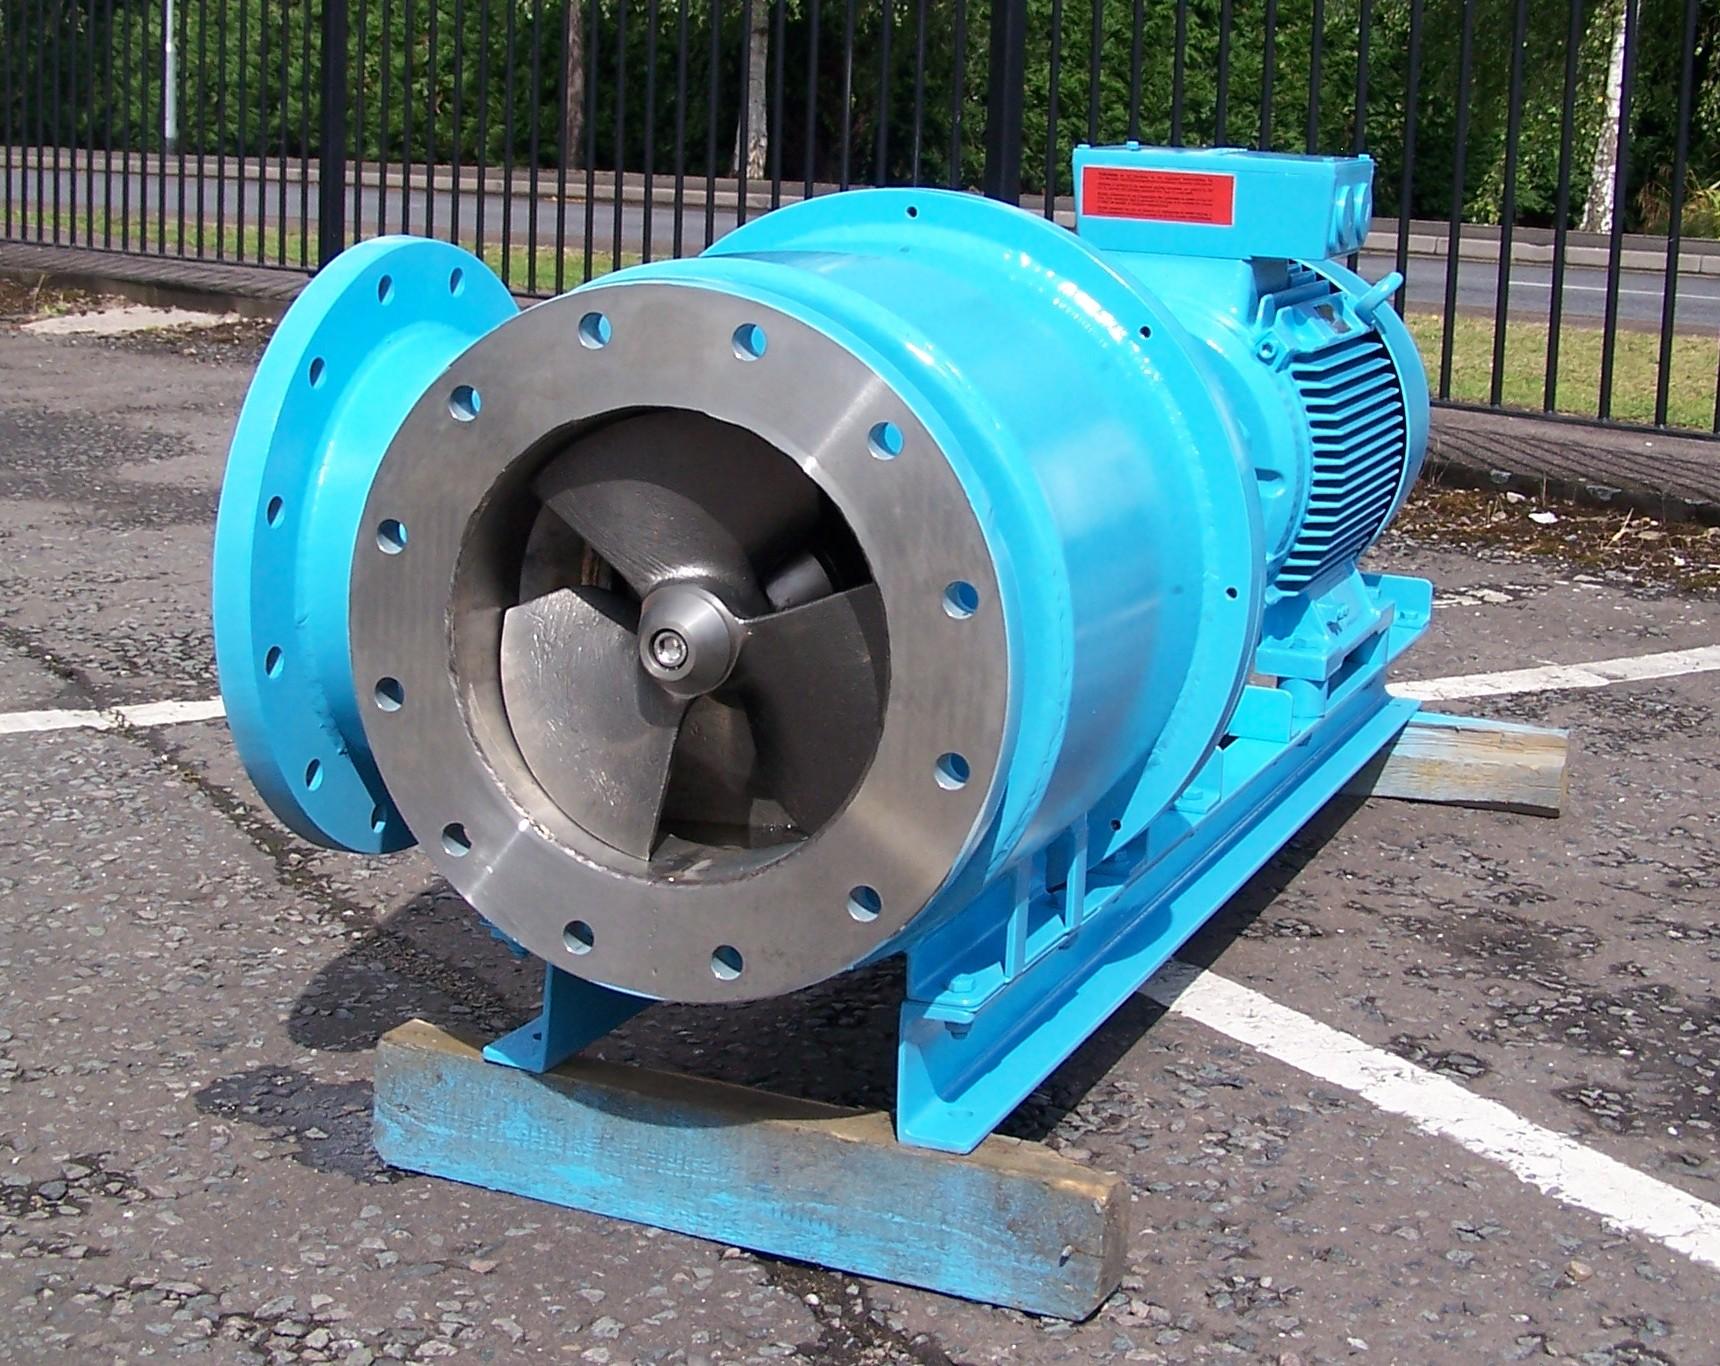 Axial Flow Valves Class 300 : Axial flow pumps quax